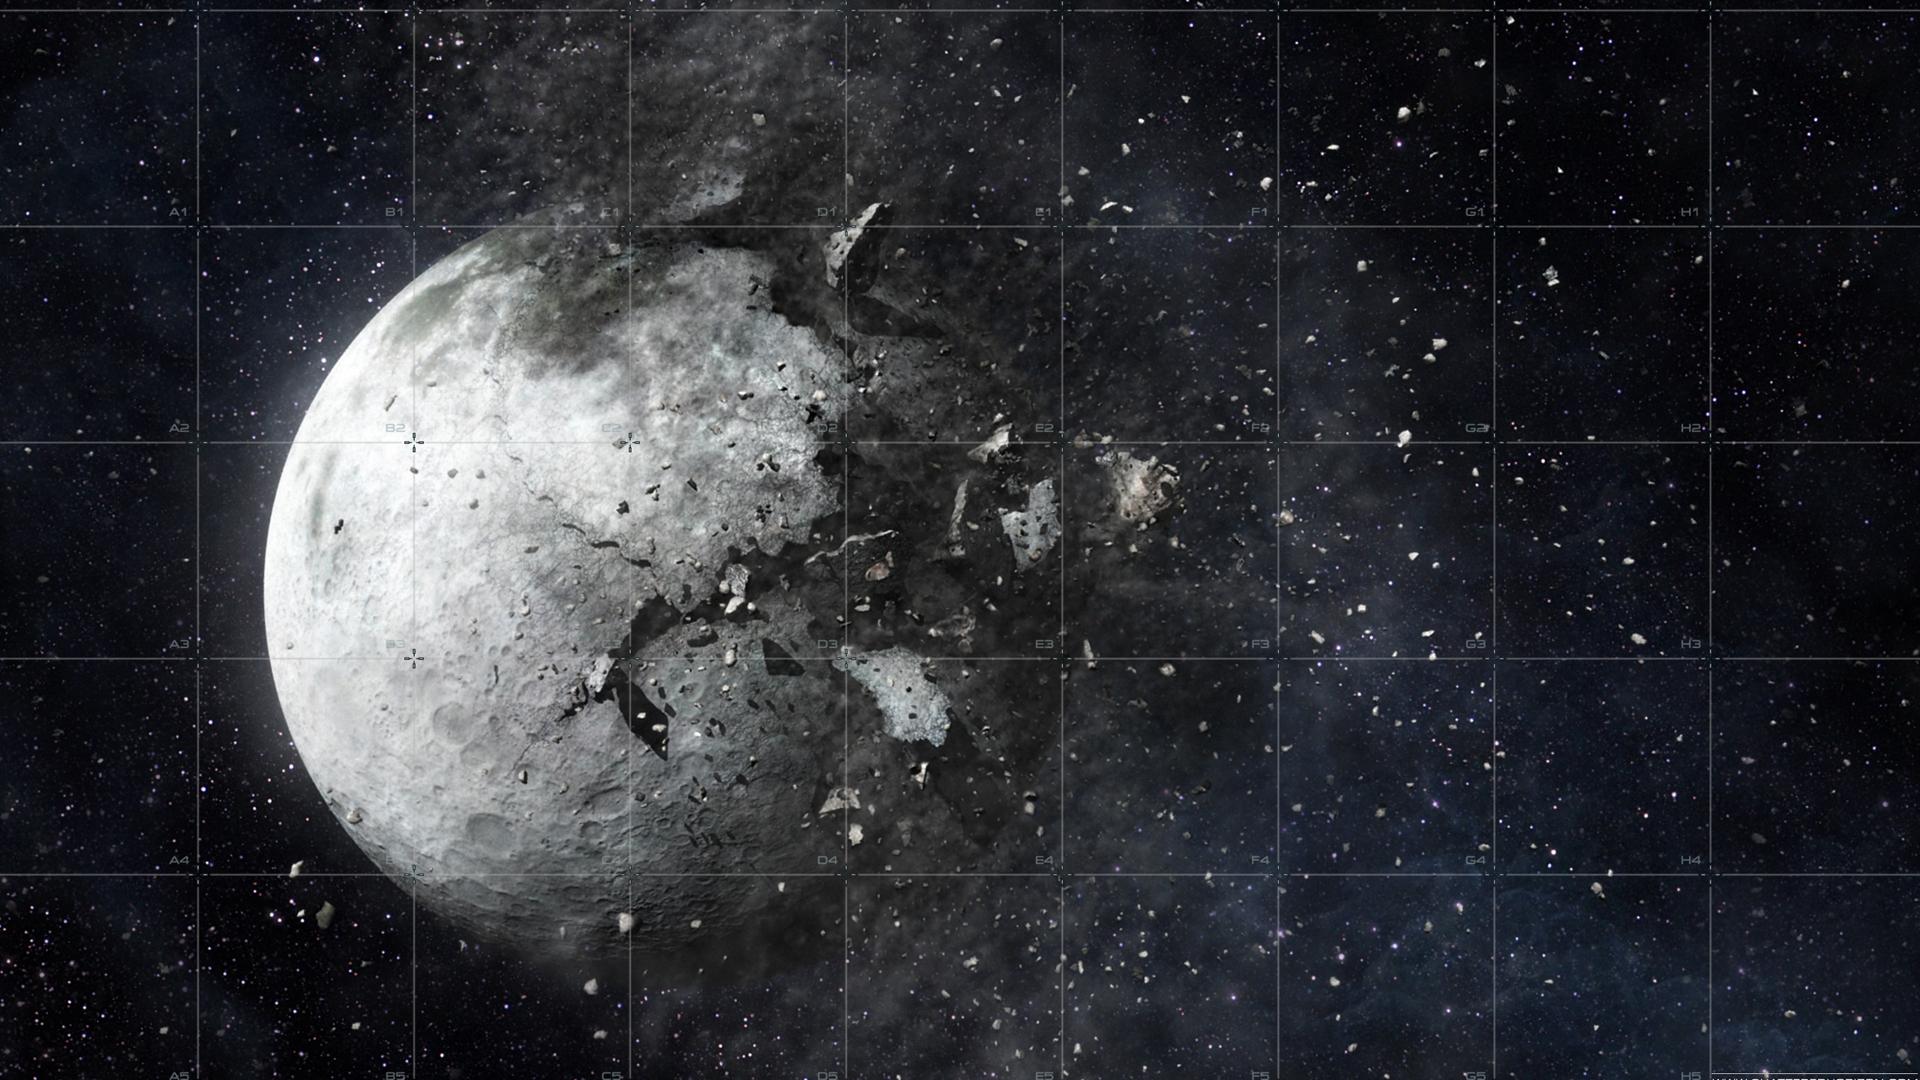 Full Hd Wallpaper Planet Destroy Debris Art Scattering - Destroy The Moon , HD Wallpaper & Backgrounds